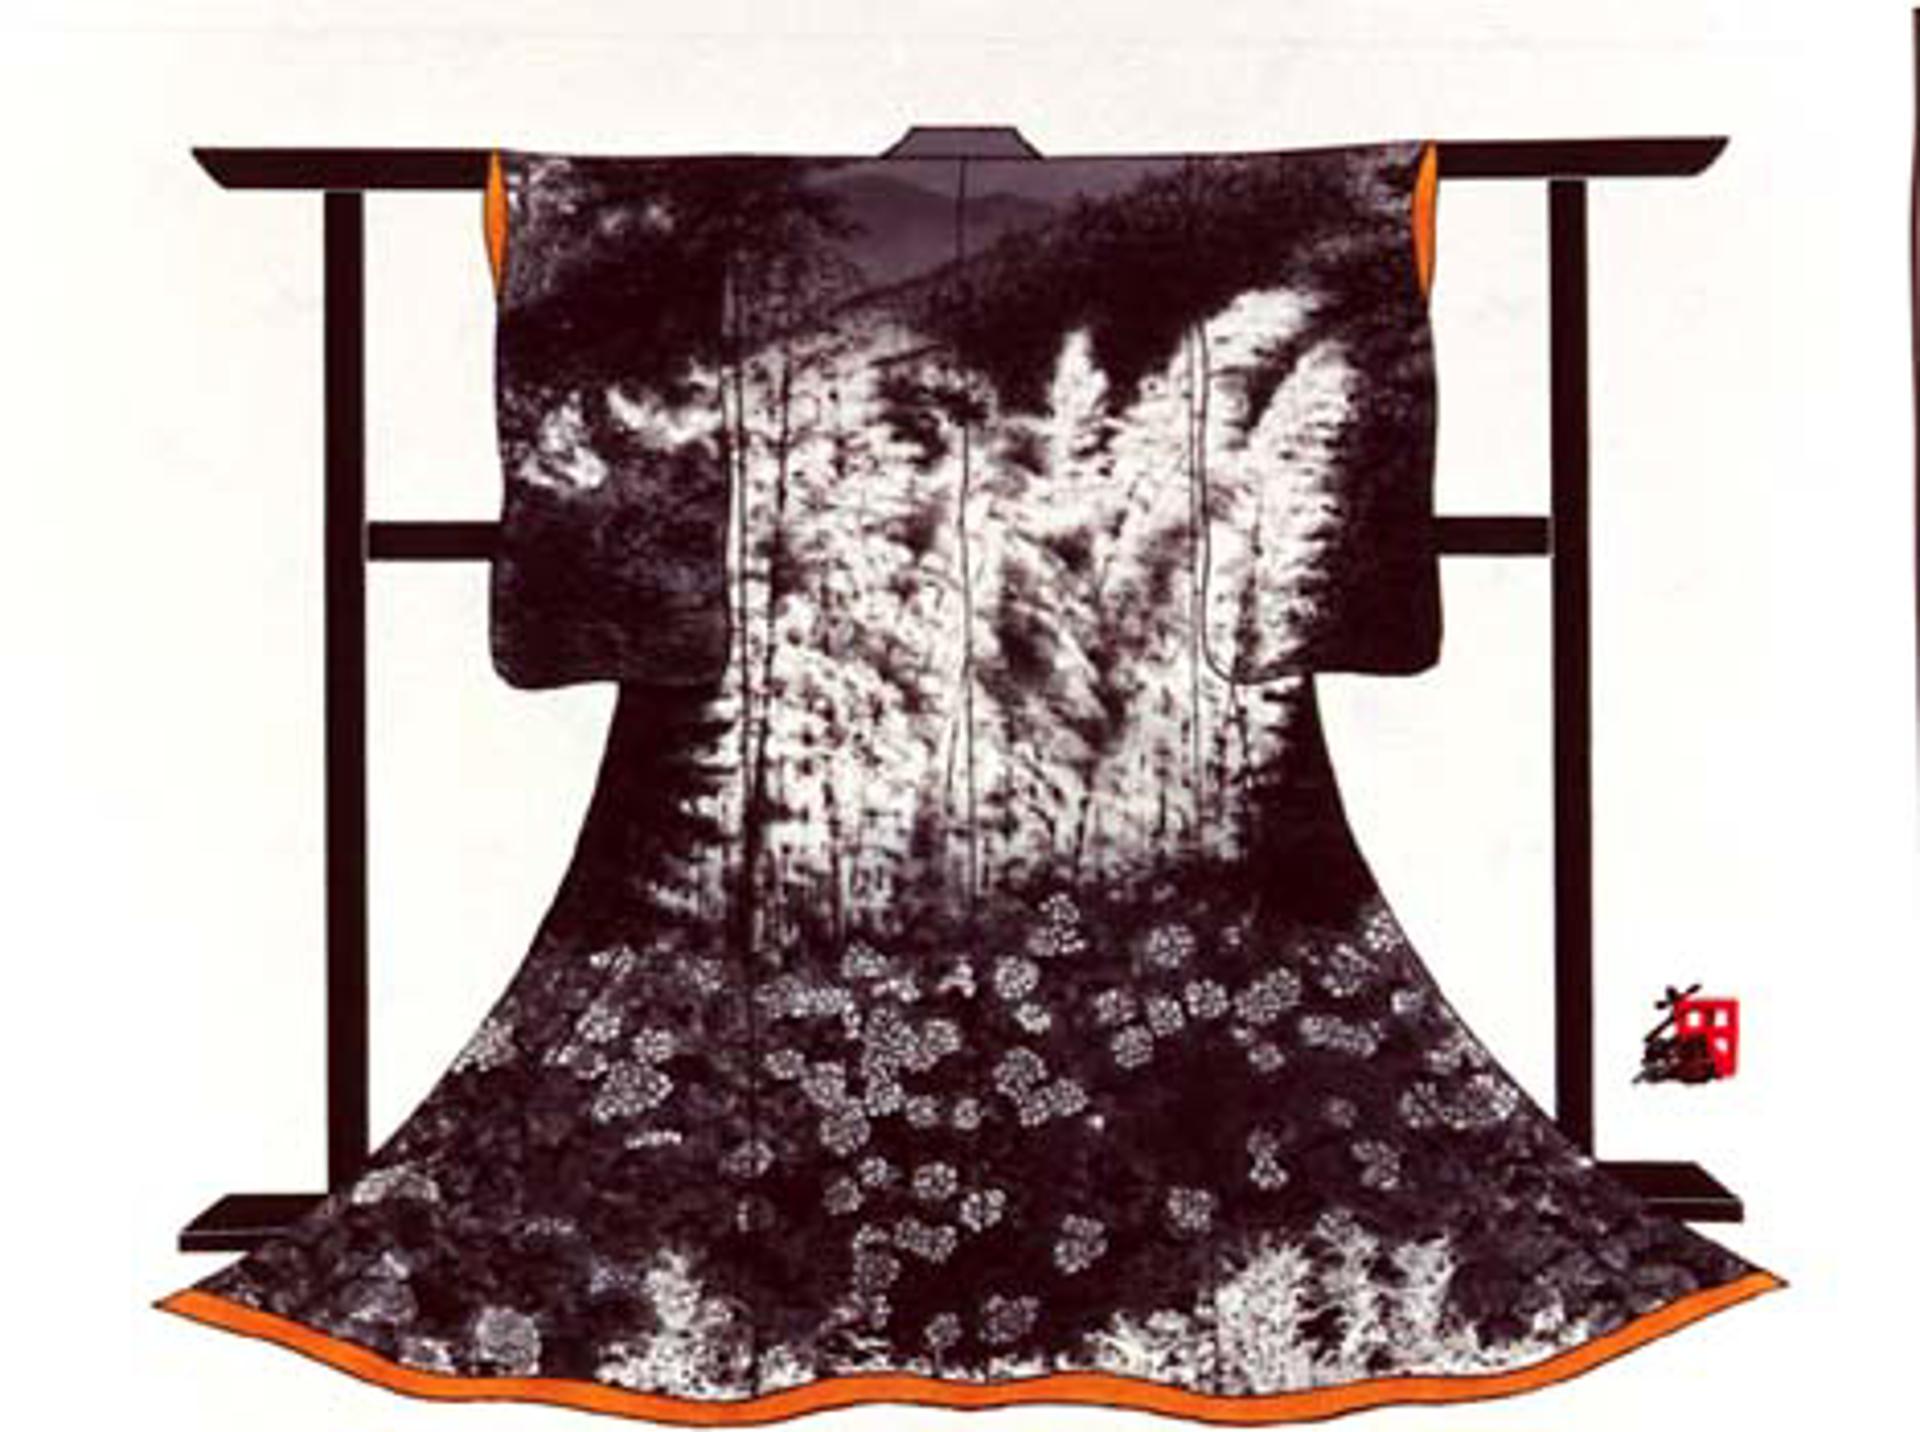 Kimono Hydrangea And Trees by Hisashi Otsuka